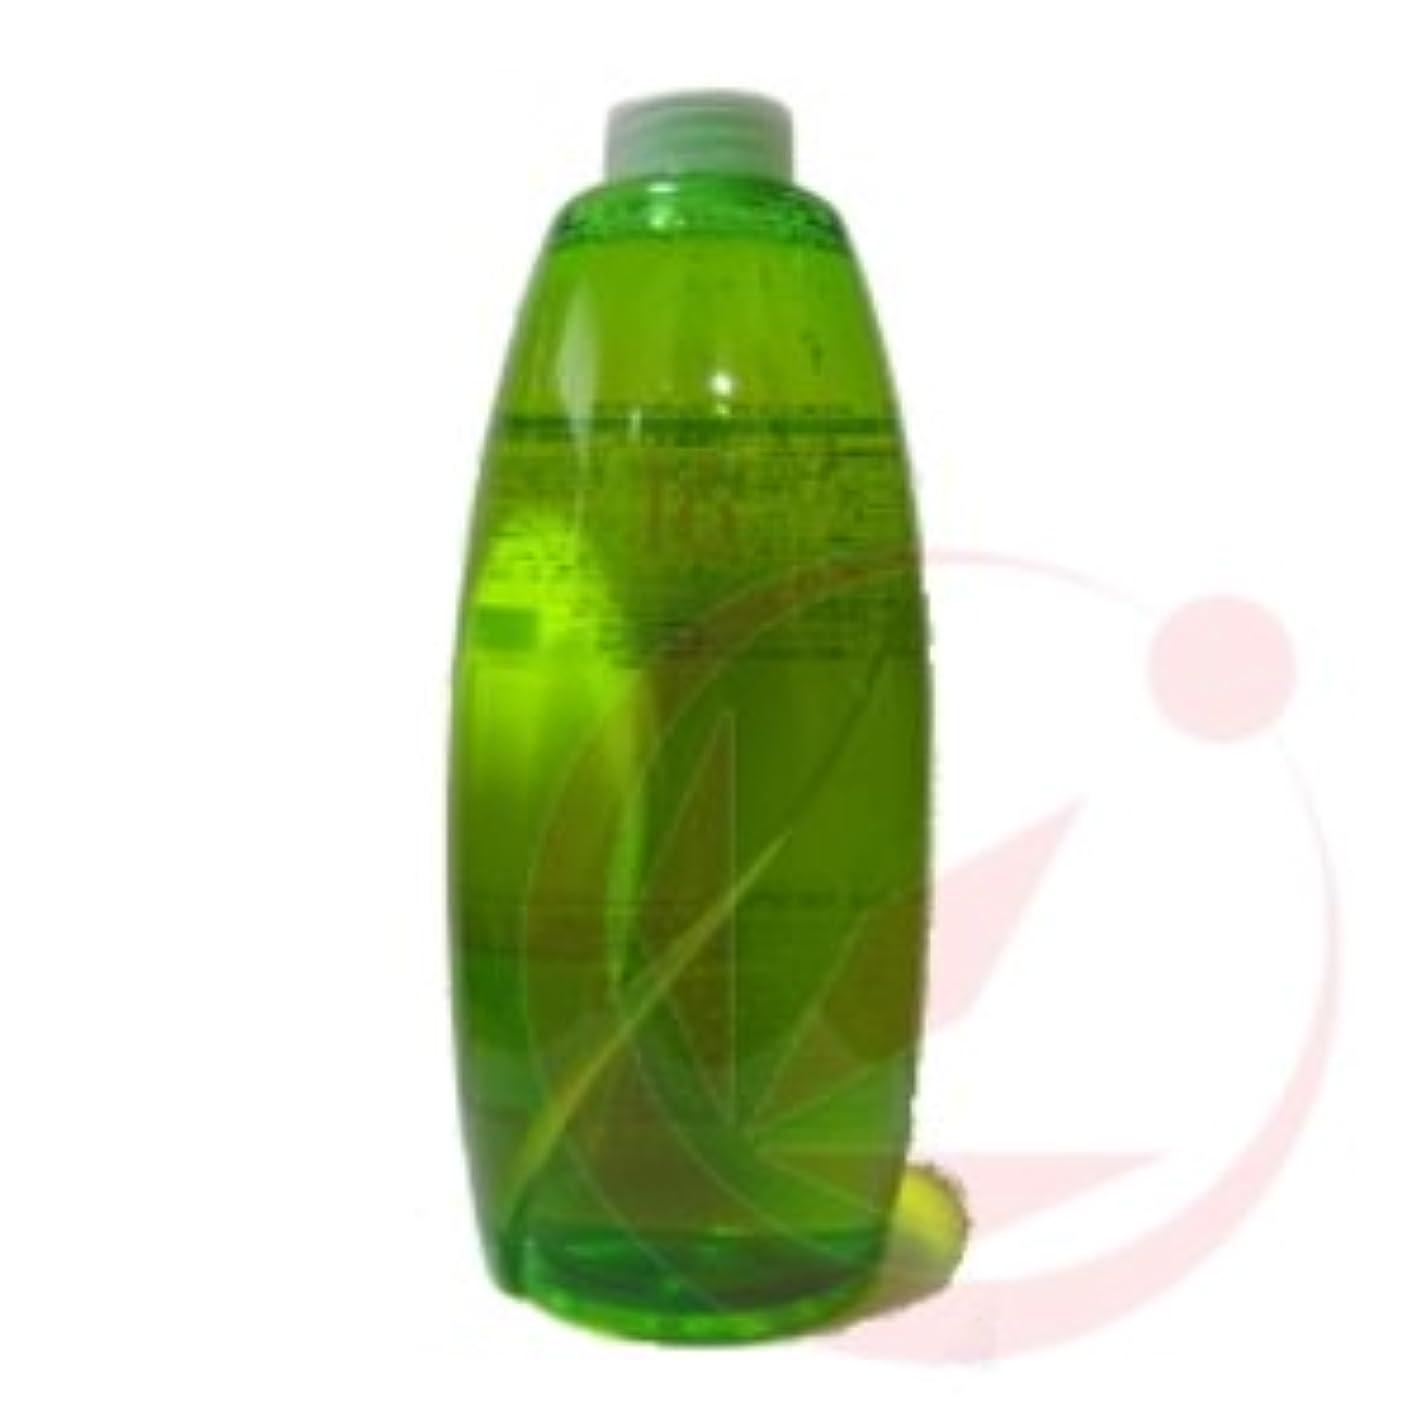 友情消化器カストディアンハホニコ 十六油(じゅうろくゆ) 1000ml(業務?詰替用)【16油】